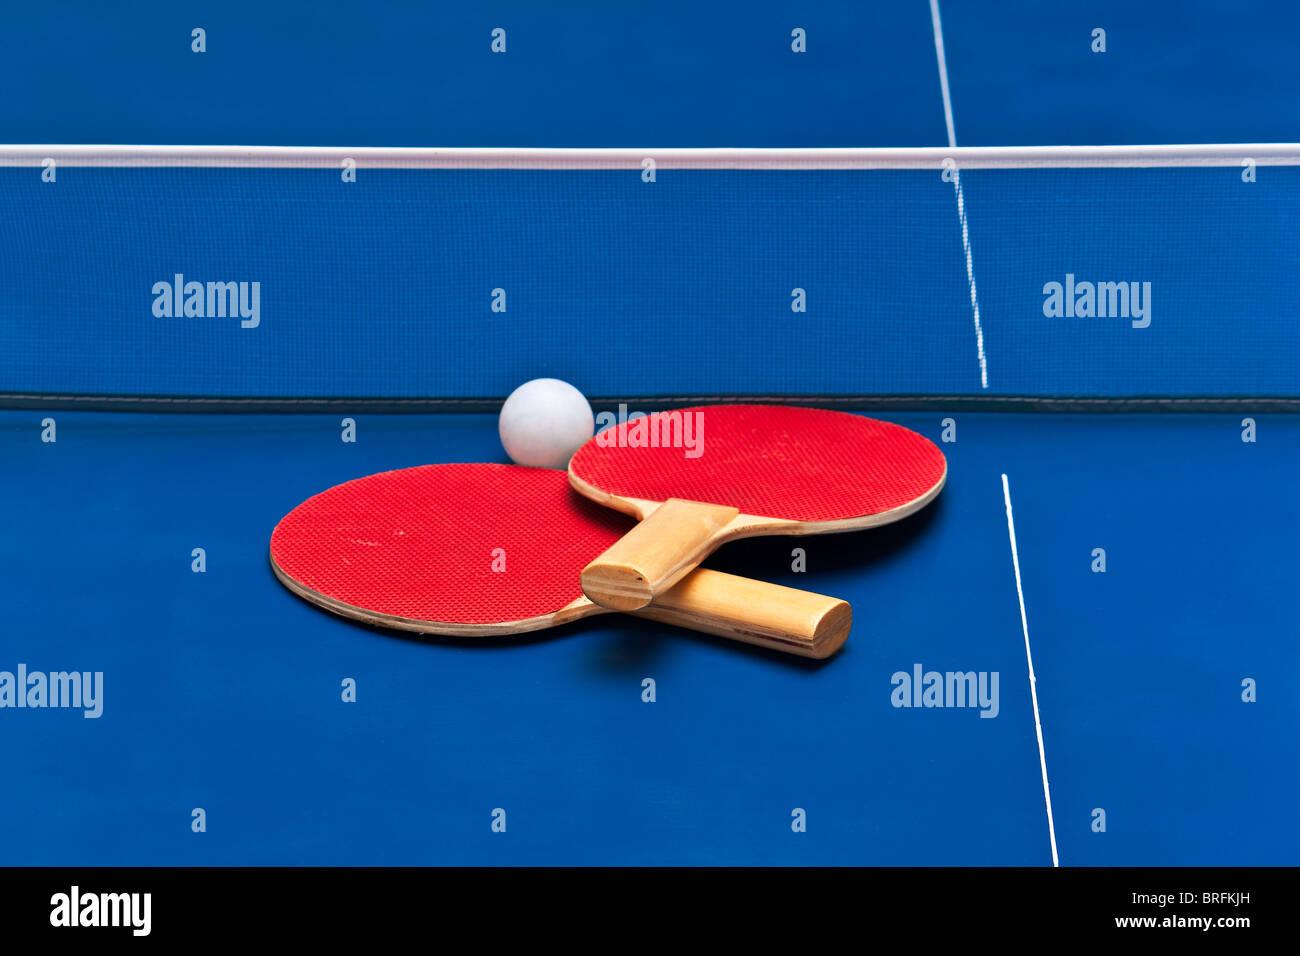 Coppia di tavoli da ping pong racchette sulla parte superiore di un azzurro campo di gioco Immagini Stock